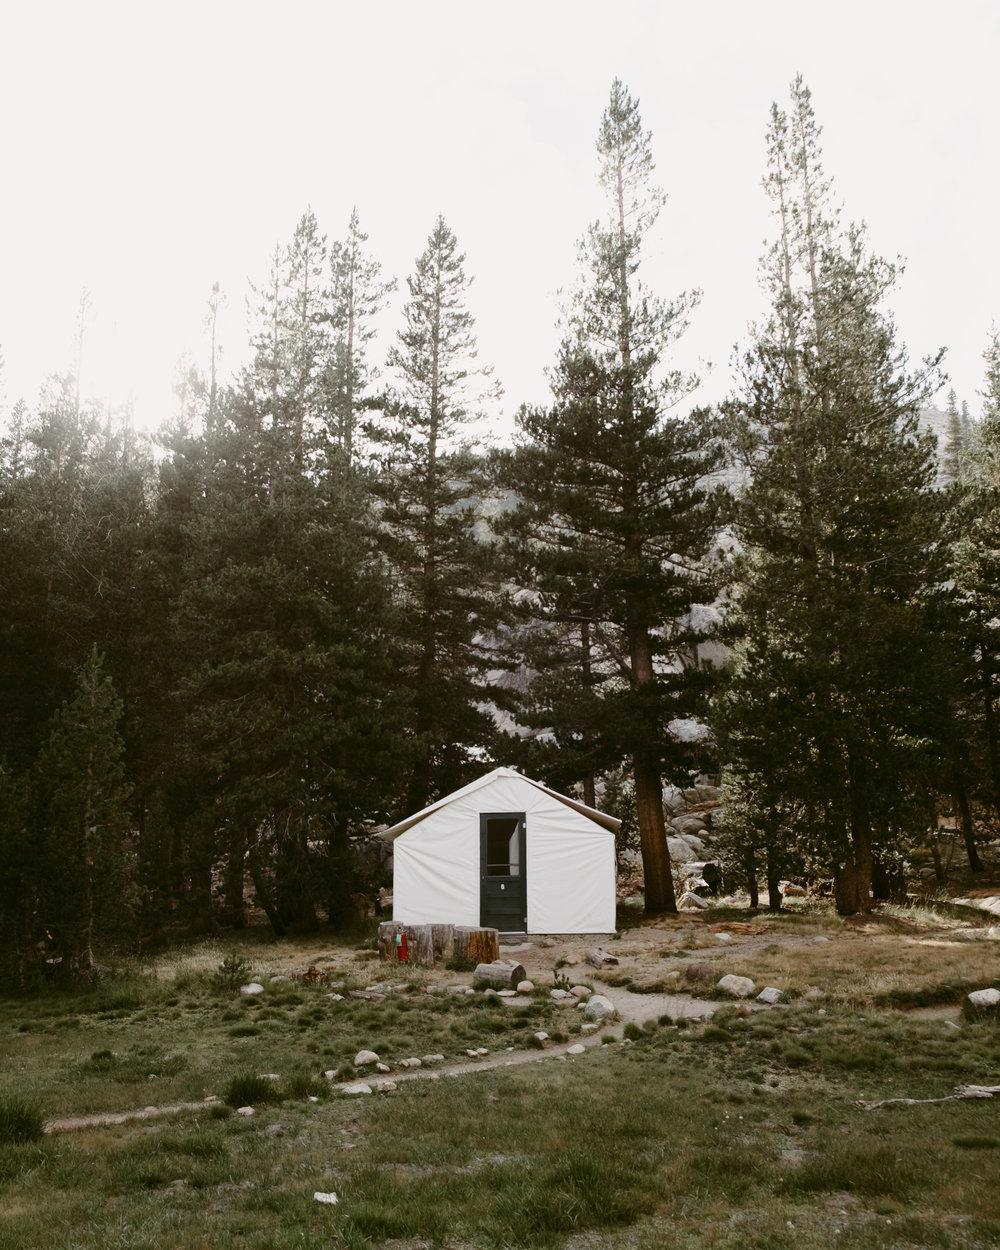 sunrise-camp-high-sierra-camps-yosemite-vivianchen.jpg